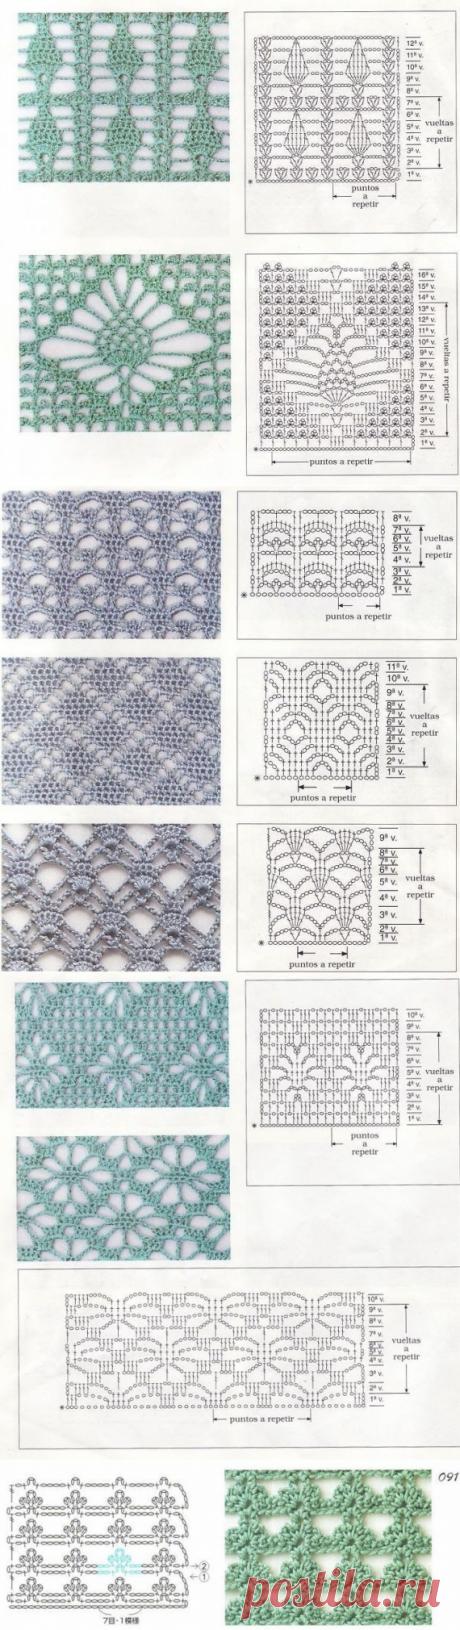 Подборка узоров крючком / Вязание